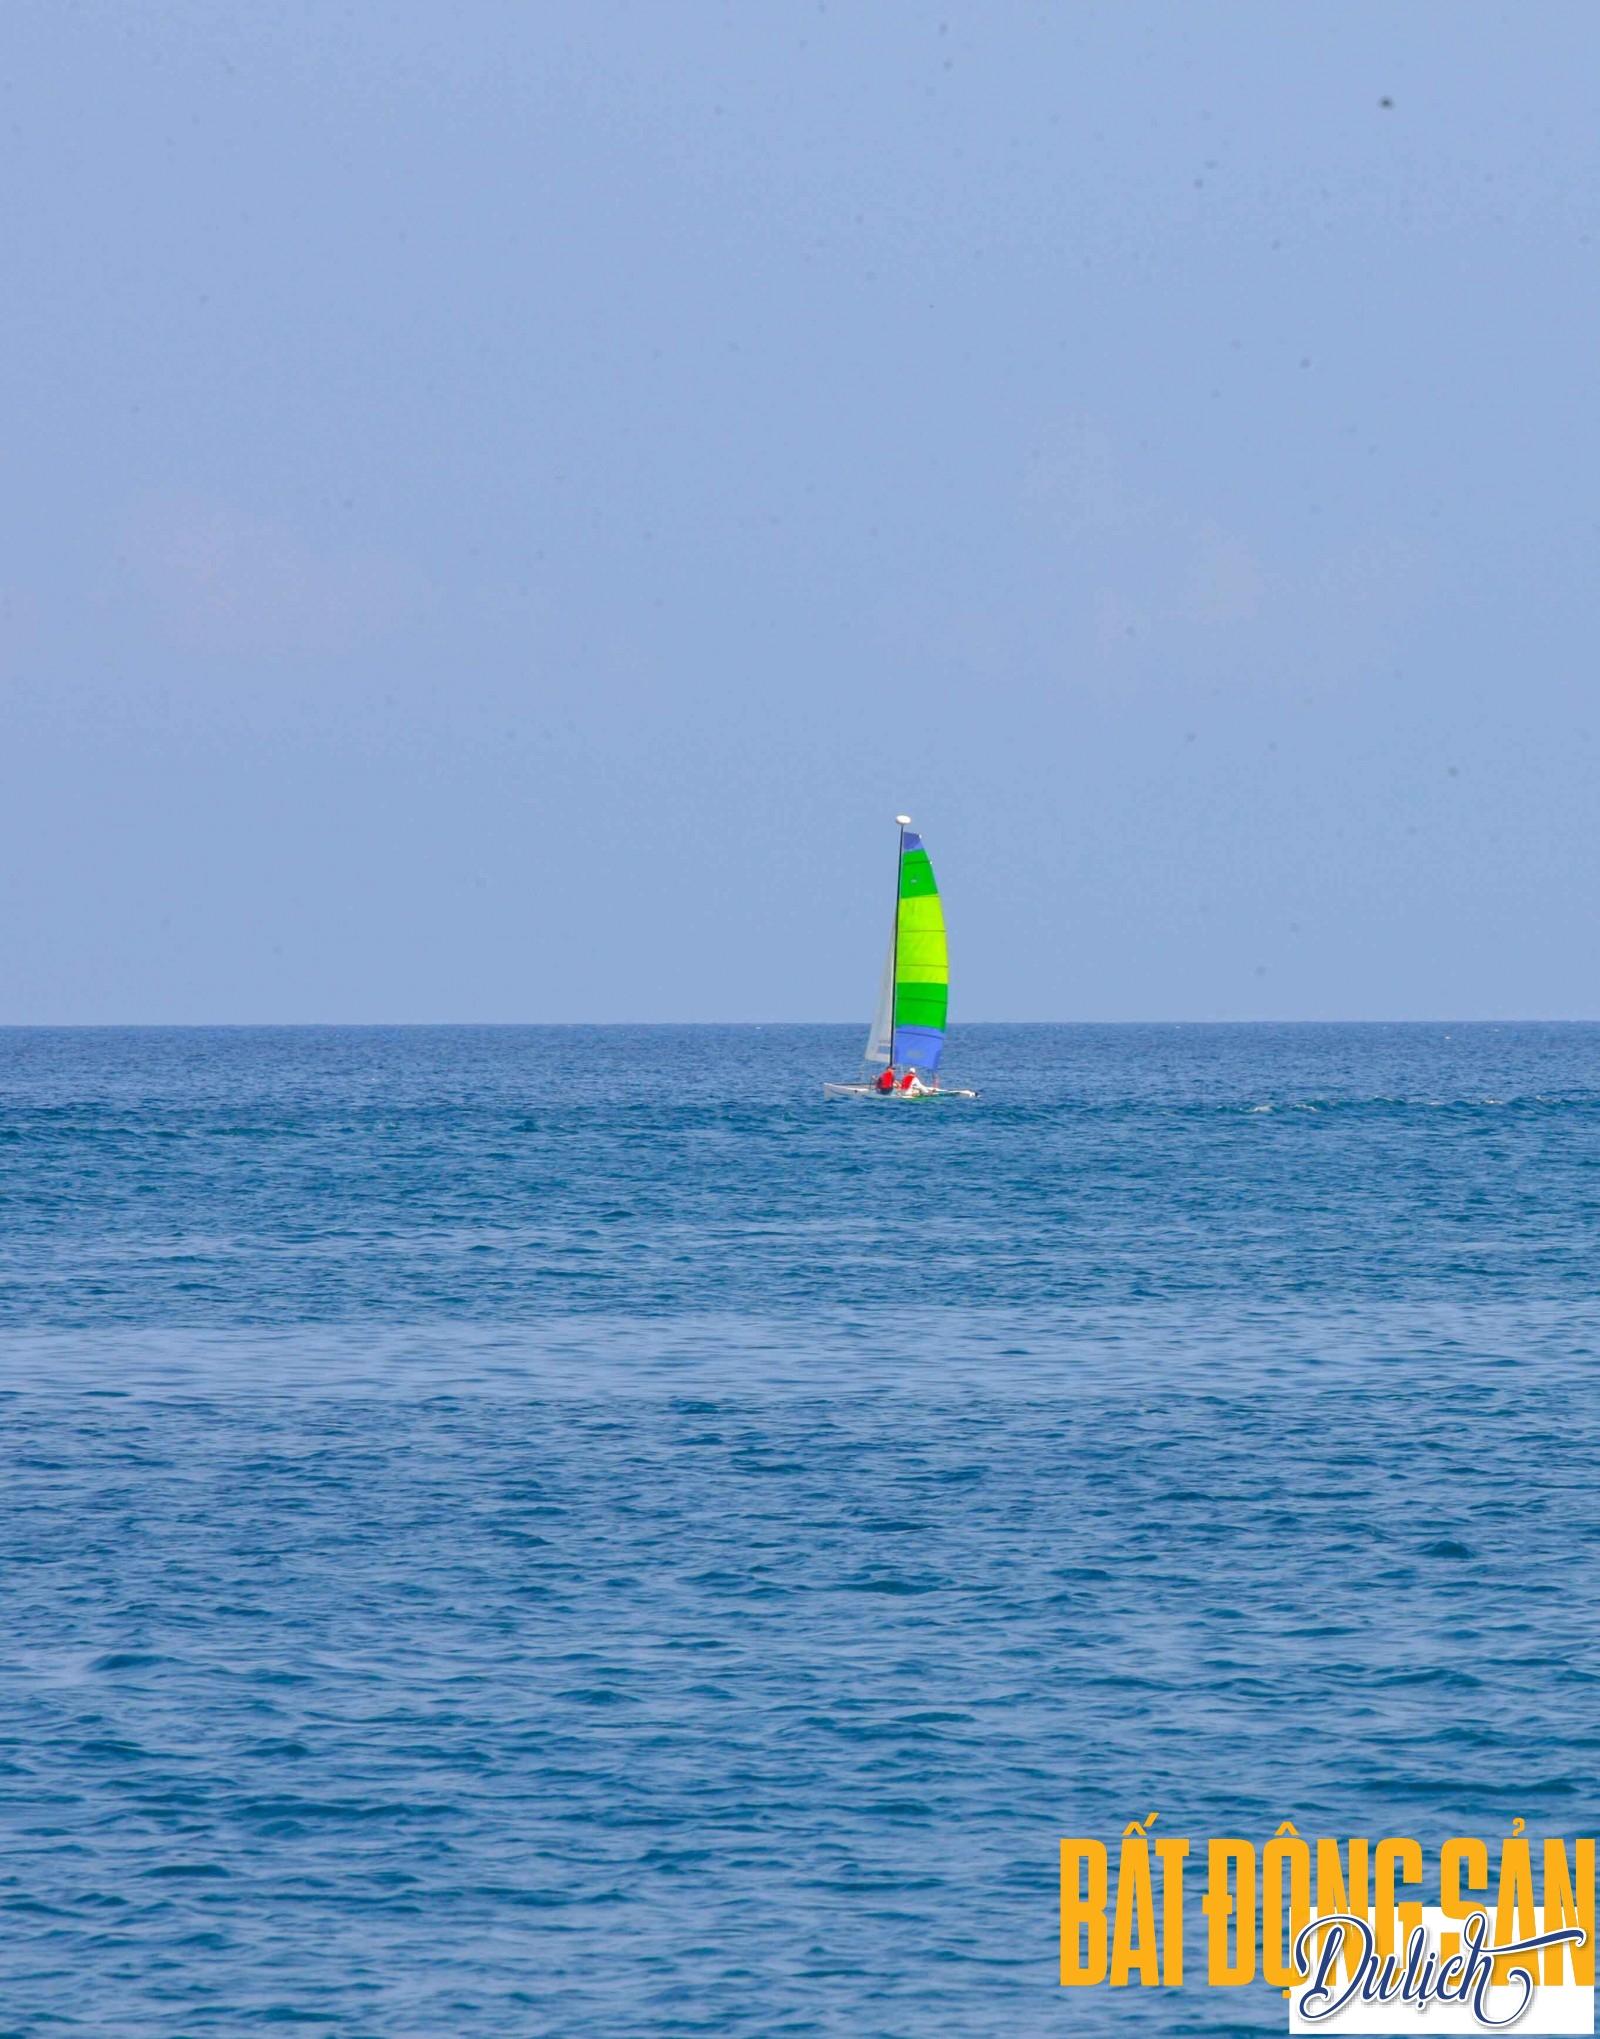 … với khách trong nước, sau khi thỏa sức ngắm những cụm san hô đủ màu sắc, tắm biển giữa vịnh biển trong xanh, trên những chiếc thuyền nhỏ của ngư dân, bạn sẽ di chuyển tới các nhà bè nuôi hải sản.